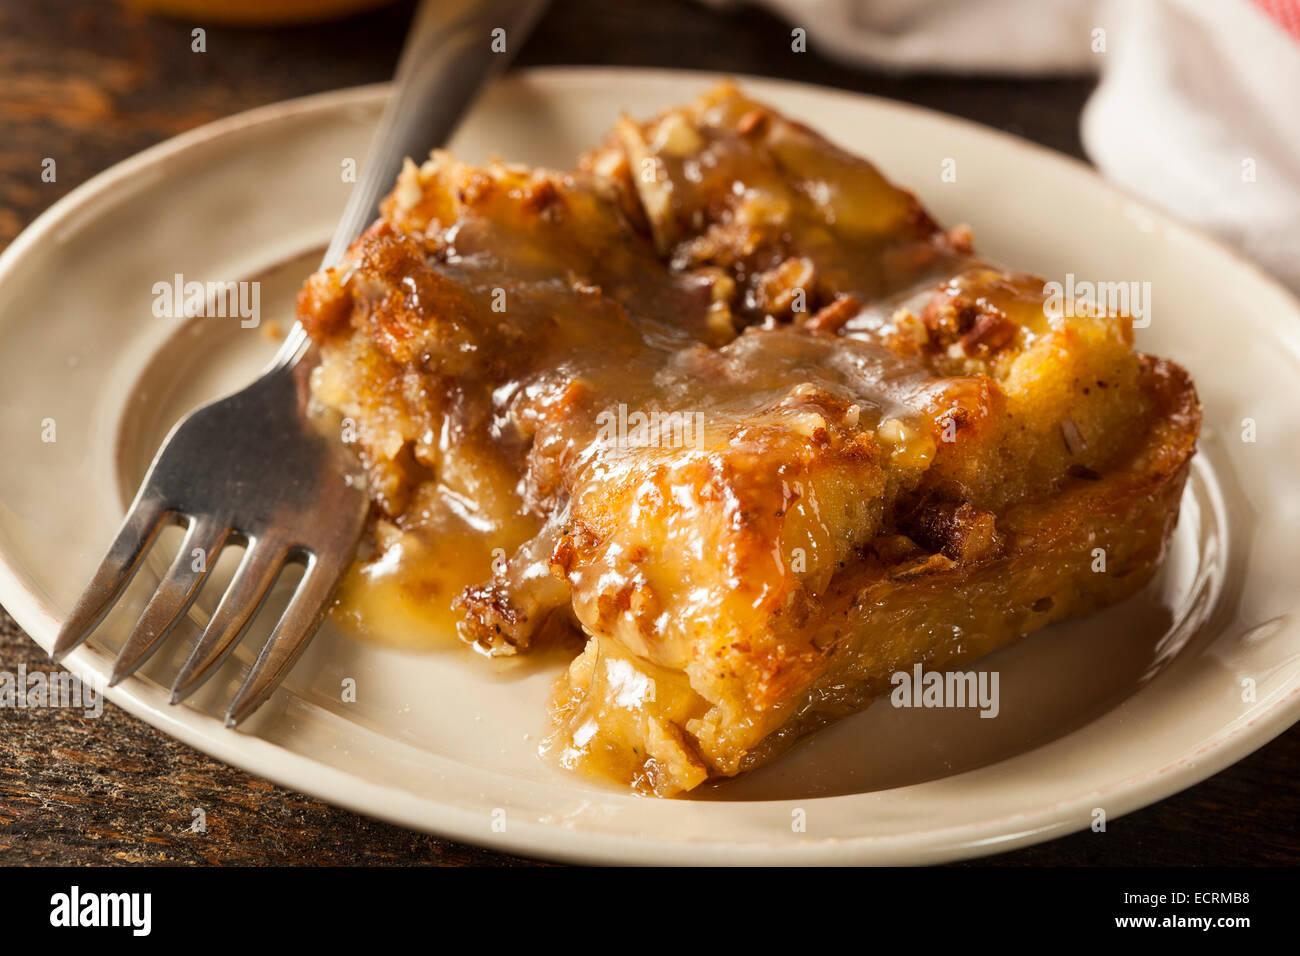 Dolci fatti in casa il budino di pane dolce con salsa di Brandy Immagini Stock